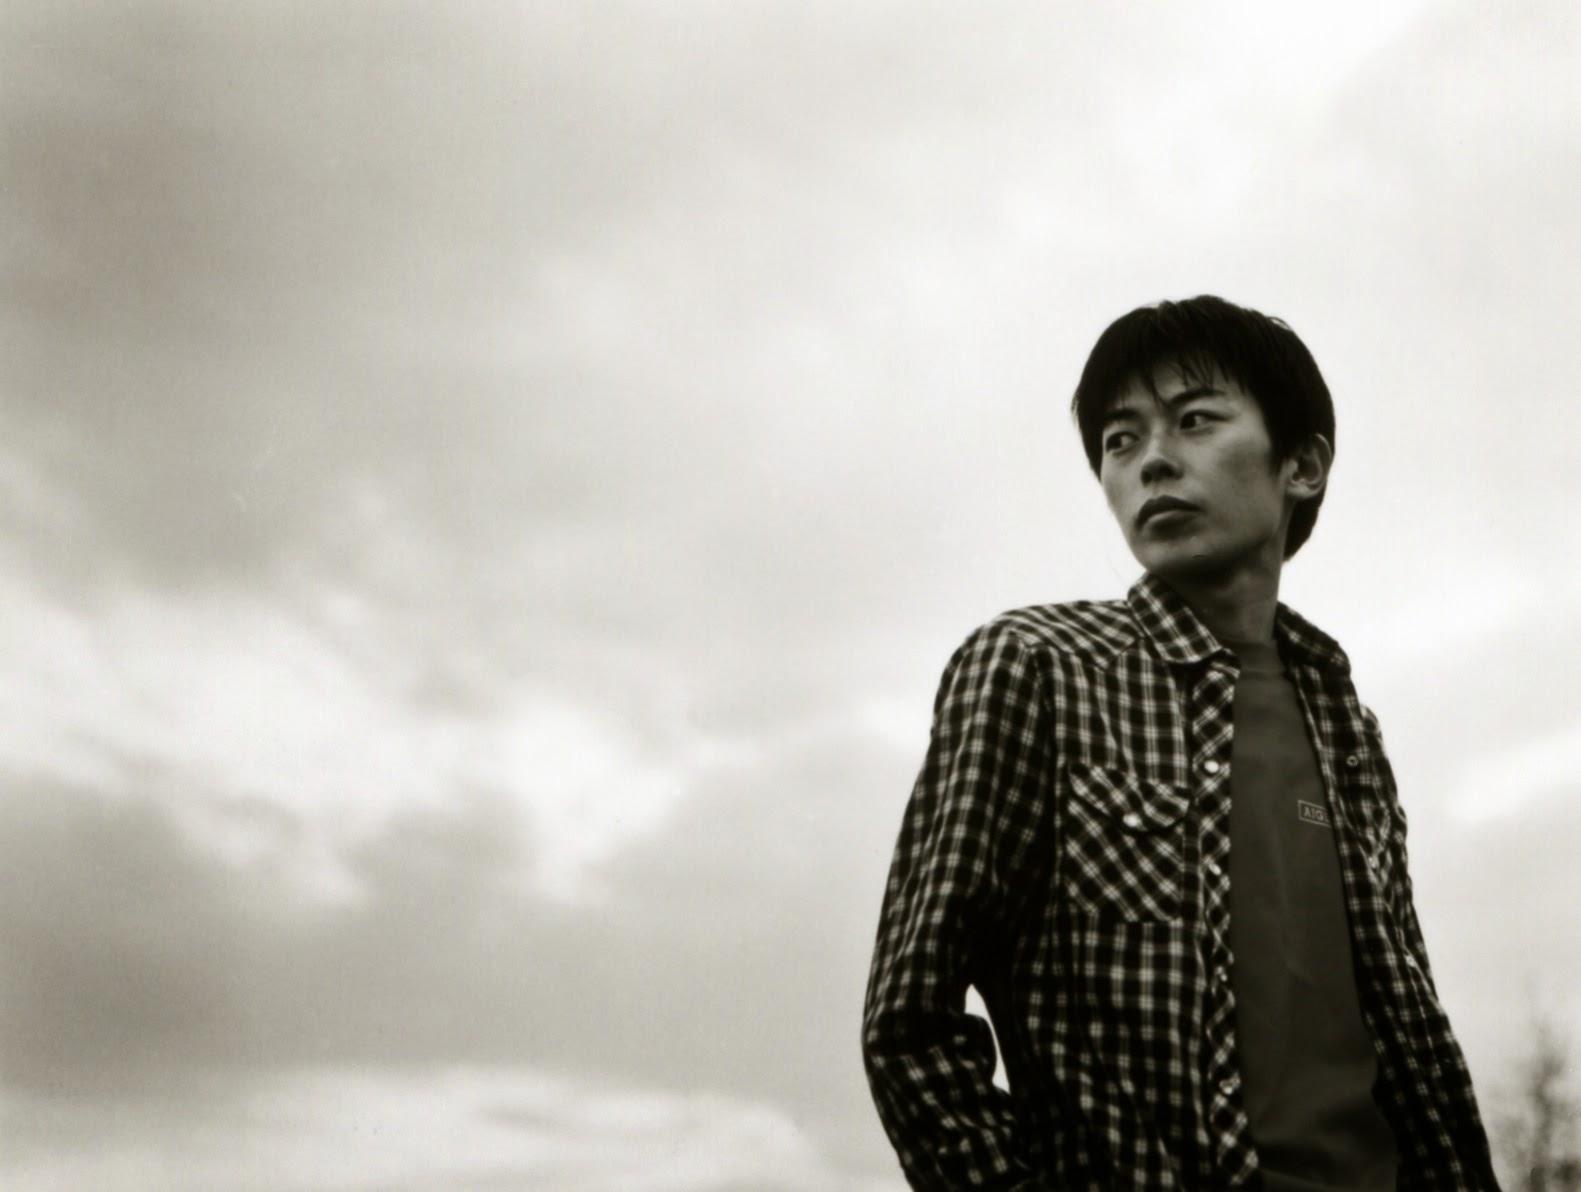 徳永憲 official website: archi...